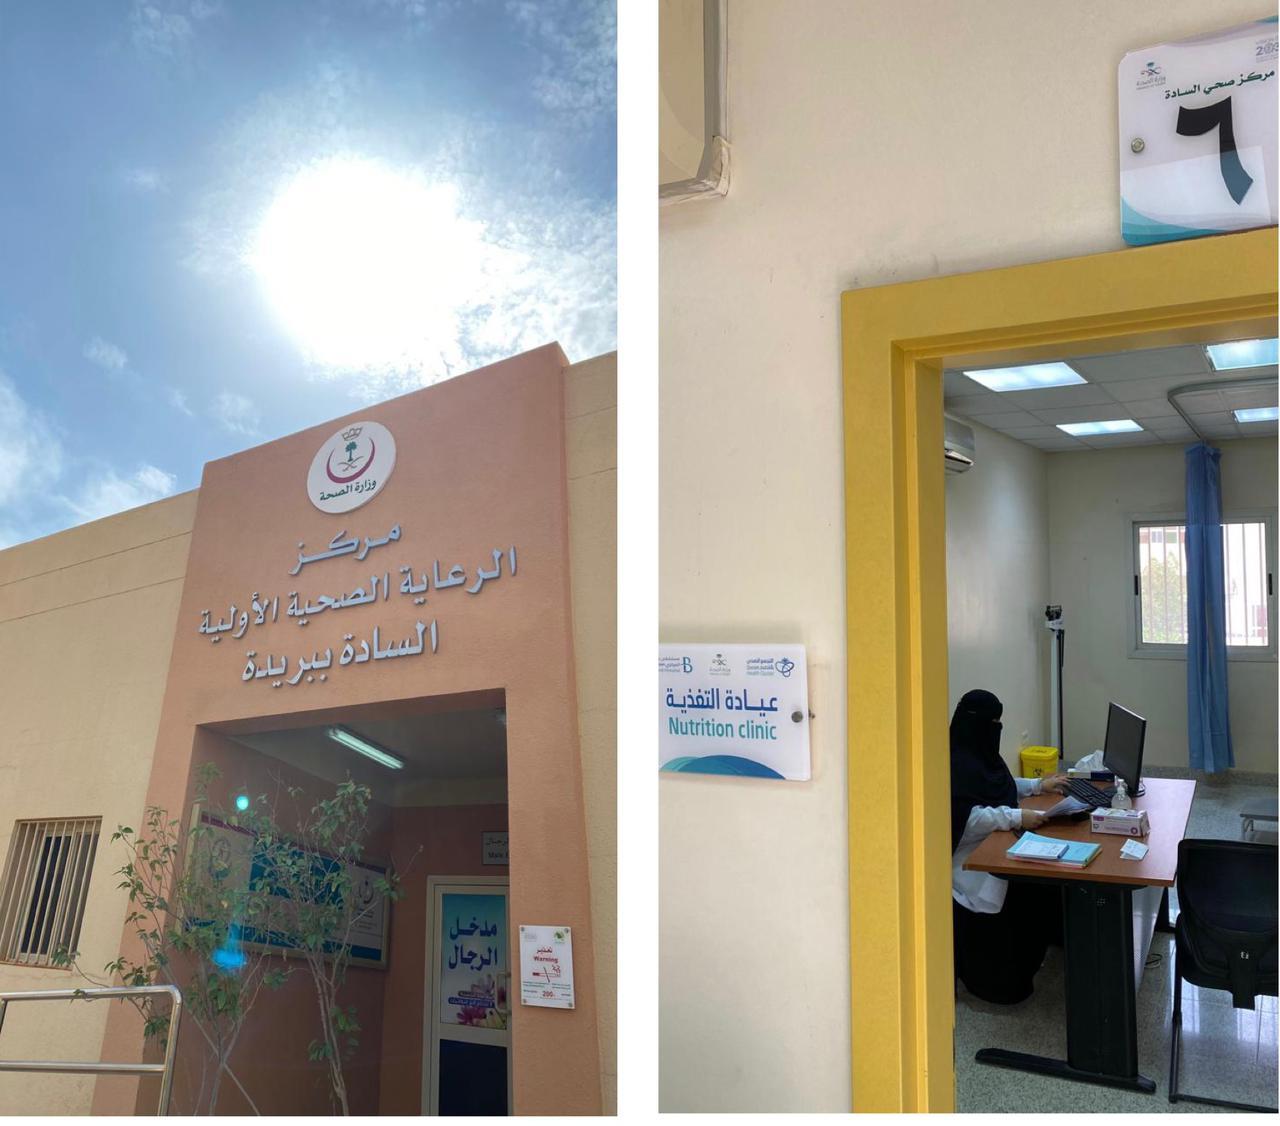 تشغيل عيادة التغذية بمركز صحي السادة ببريدة